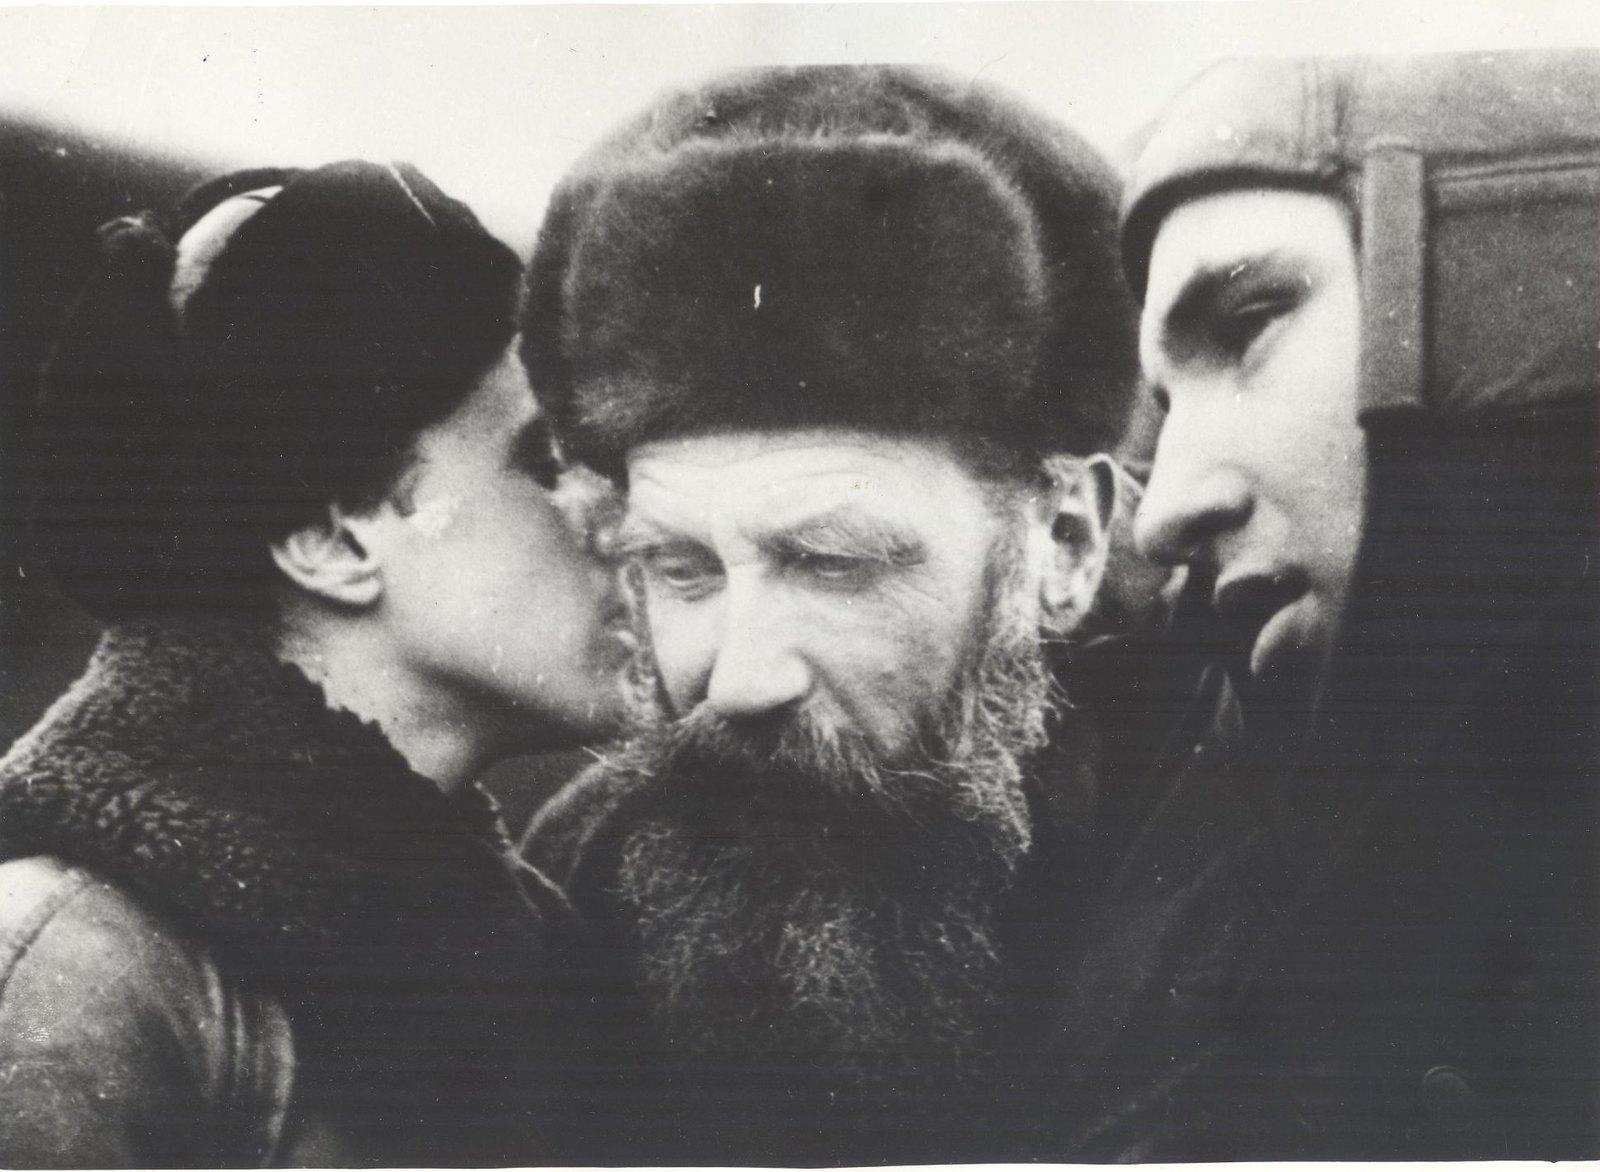 1934. Руководитель экспедиции на ледоколе «Челюскин» О.Ю. Шмидт.